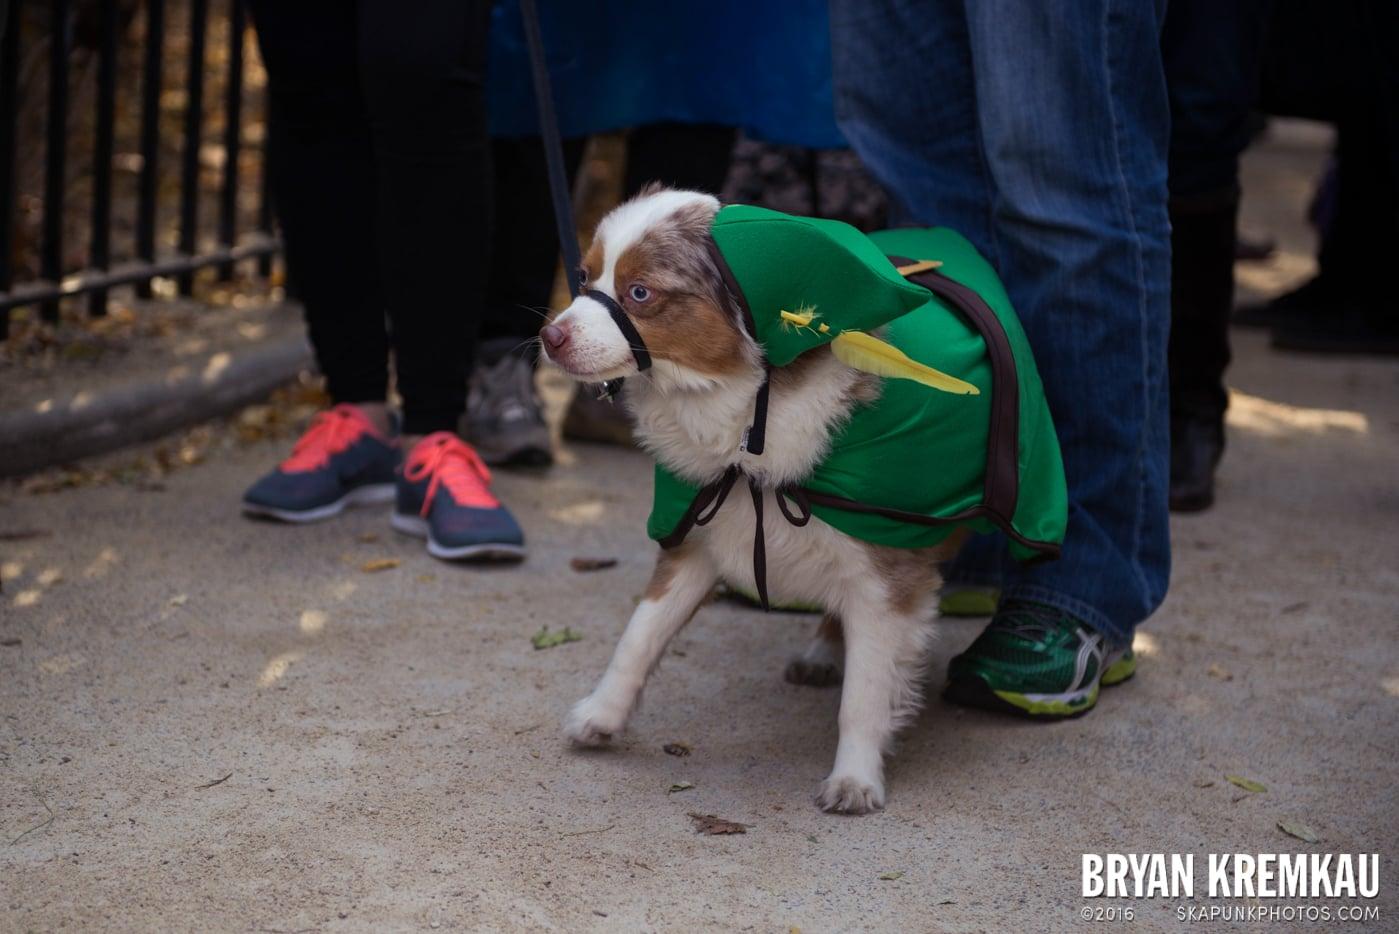 Tompkins Square Halloween Dog Parade 2013 @ Tompkins Square Park, NYC - 10.26.13 (49)